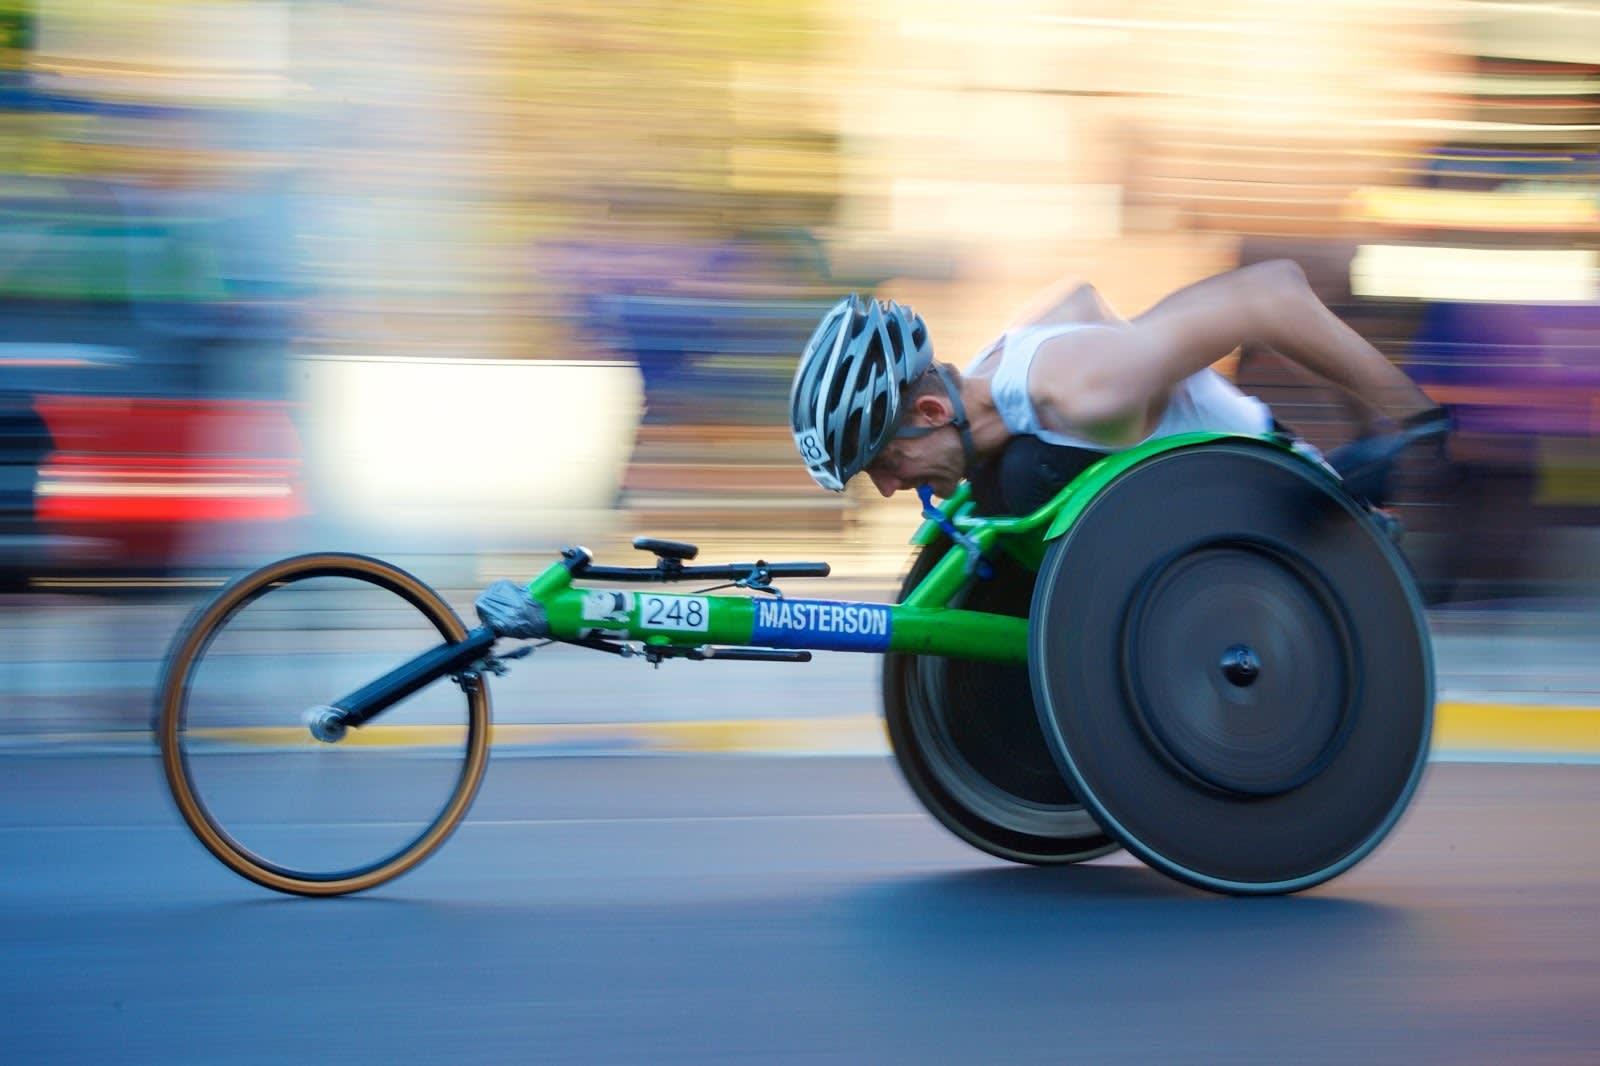 Un atleta con discapacidad compitiendo en una carrera.